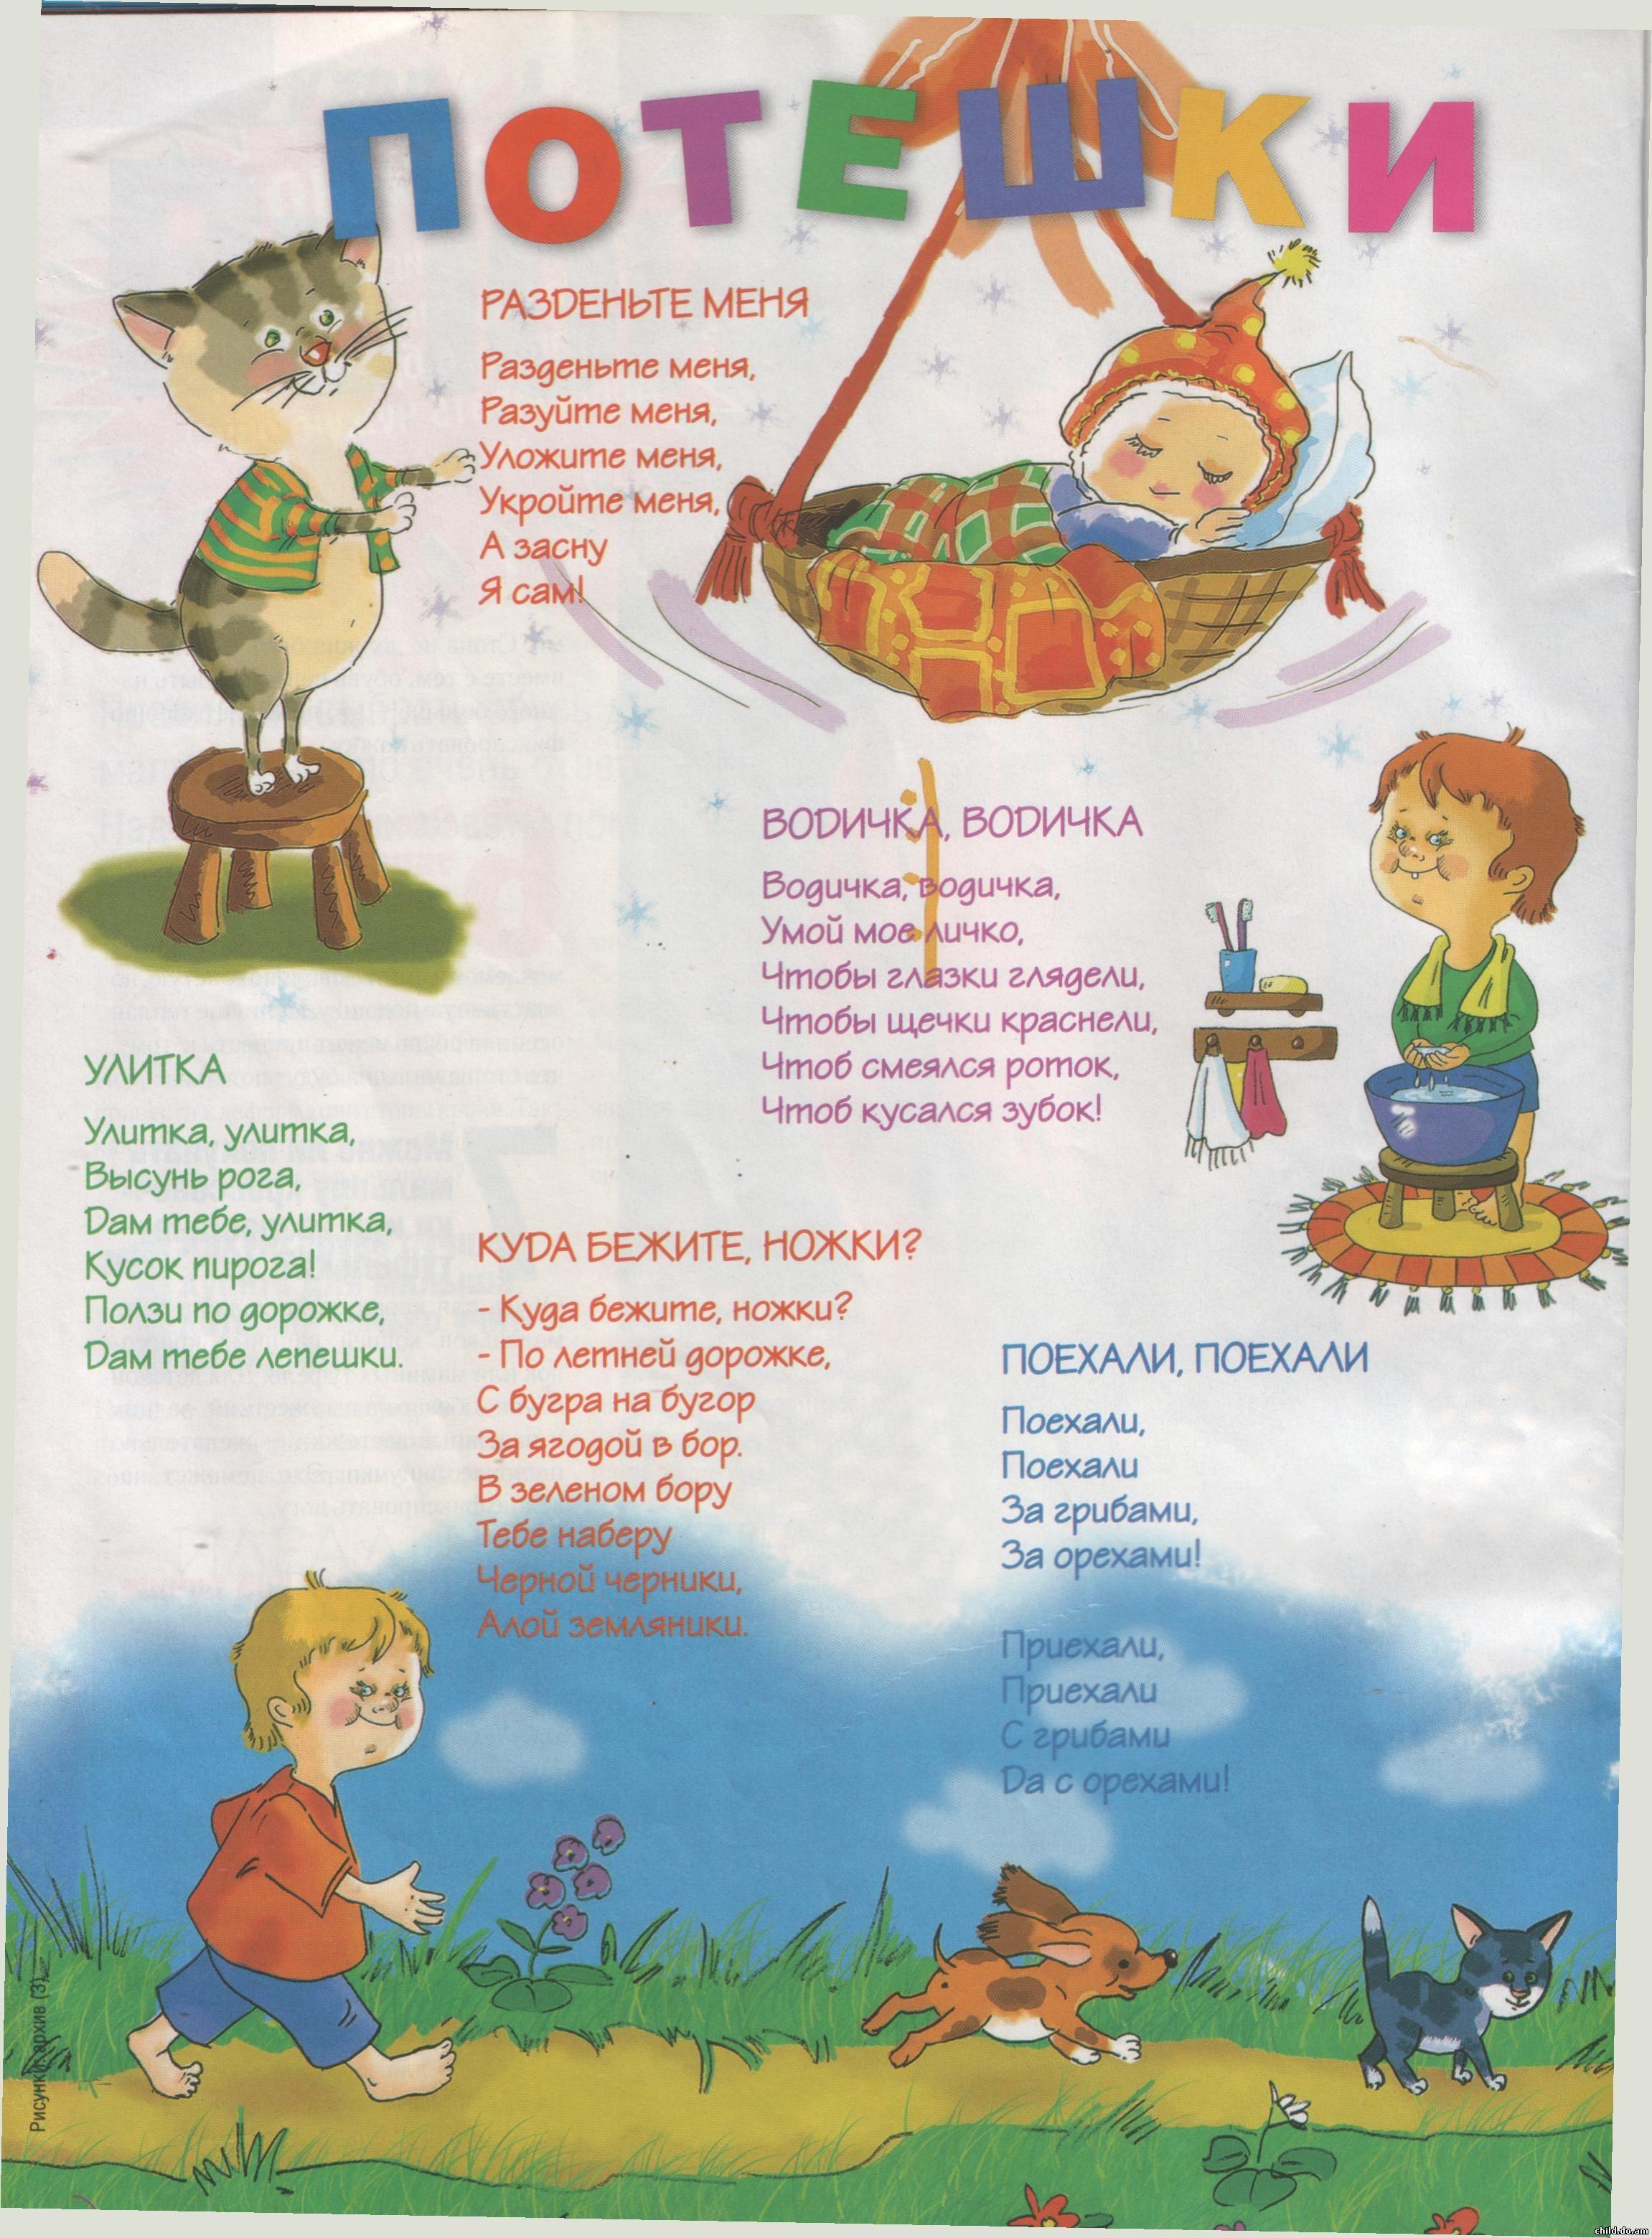 Детские стихи. Стихи для детей